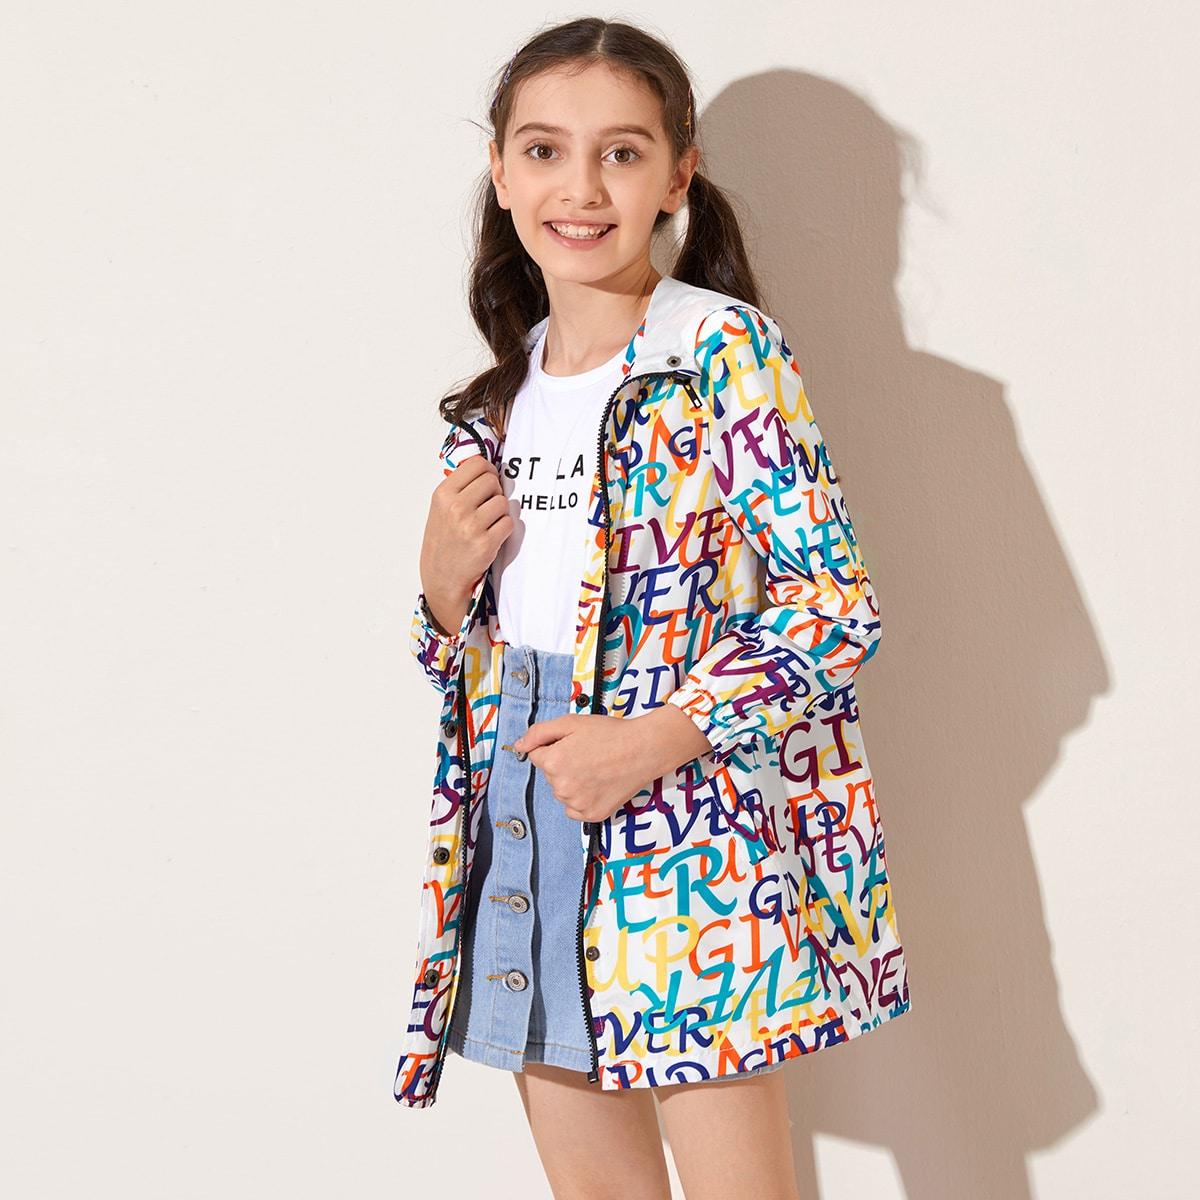 Куртка с капюшоном и текстовым принтом для девочек от SHEIN